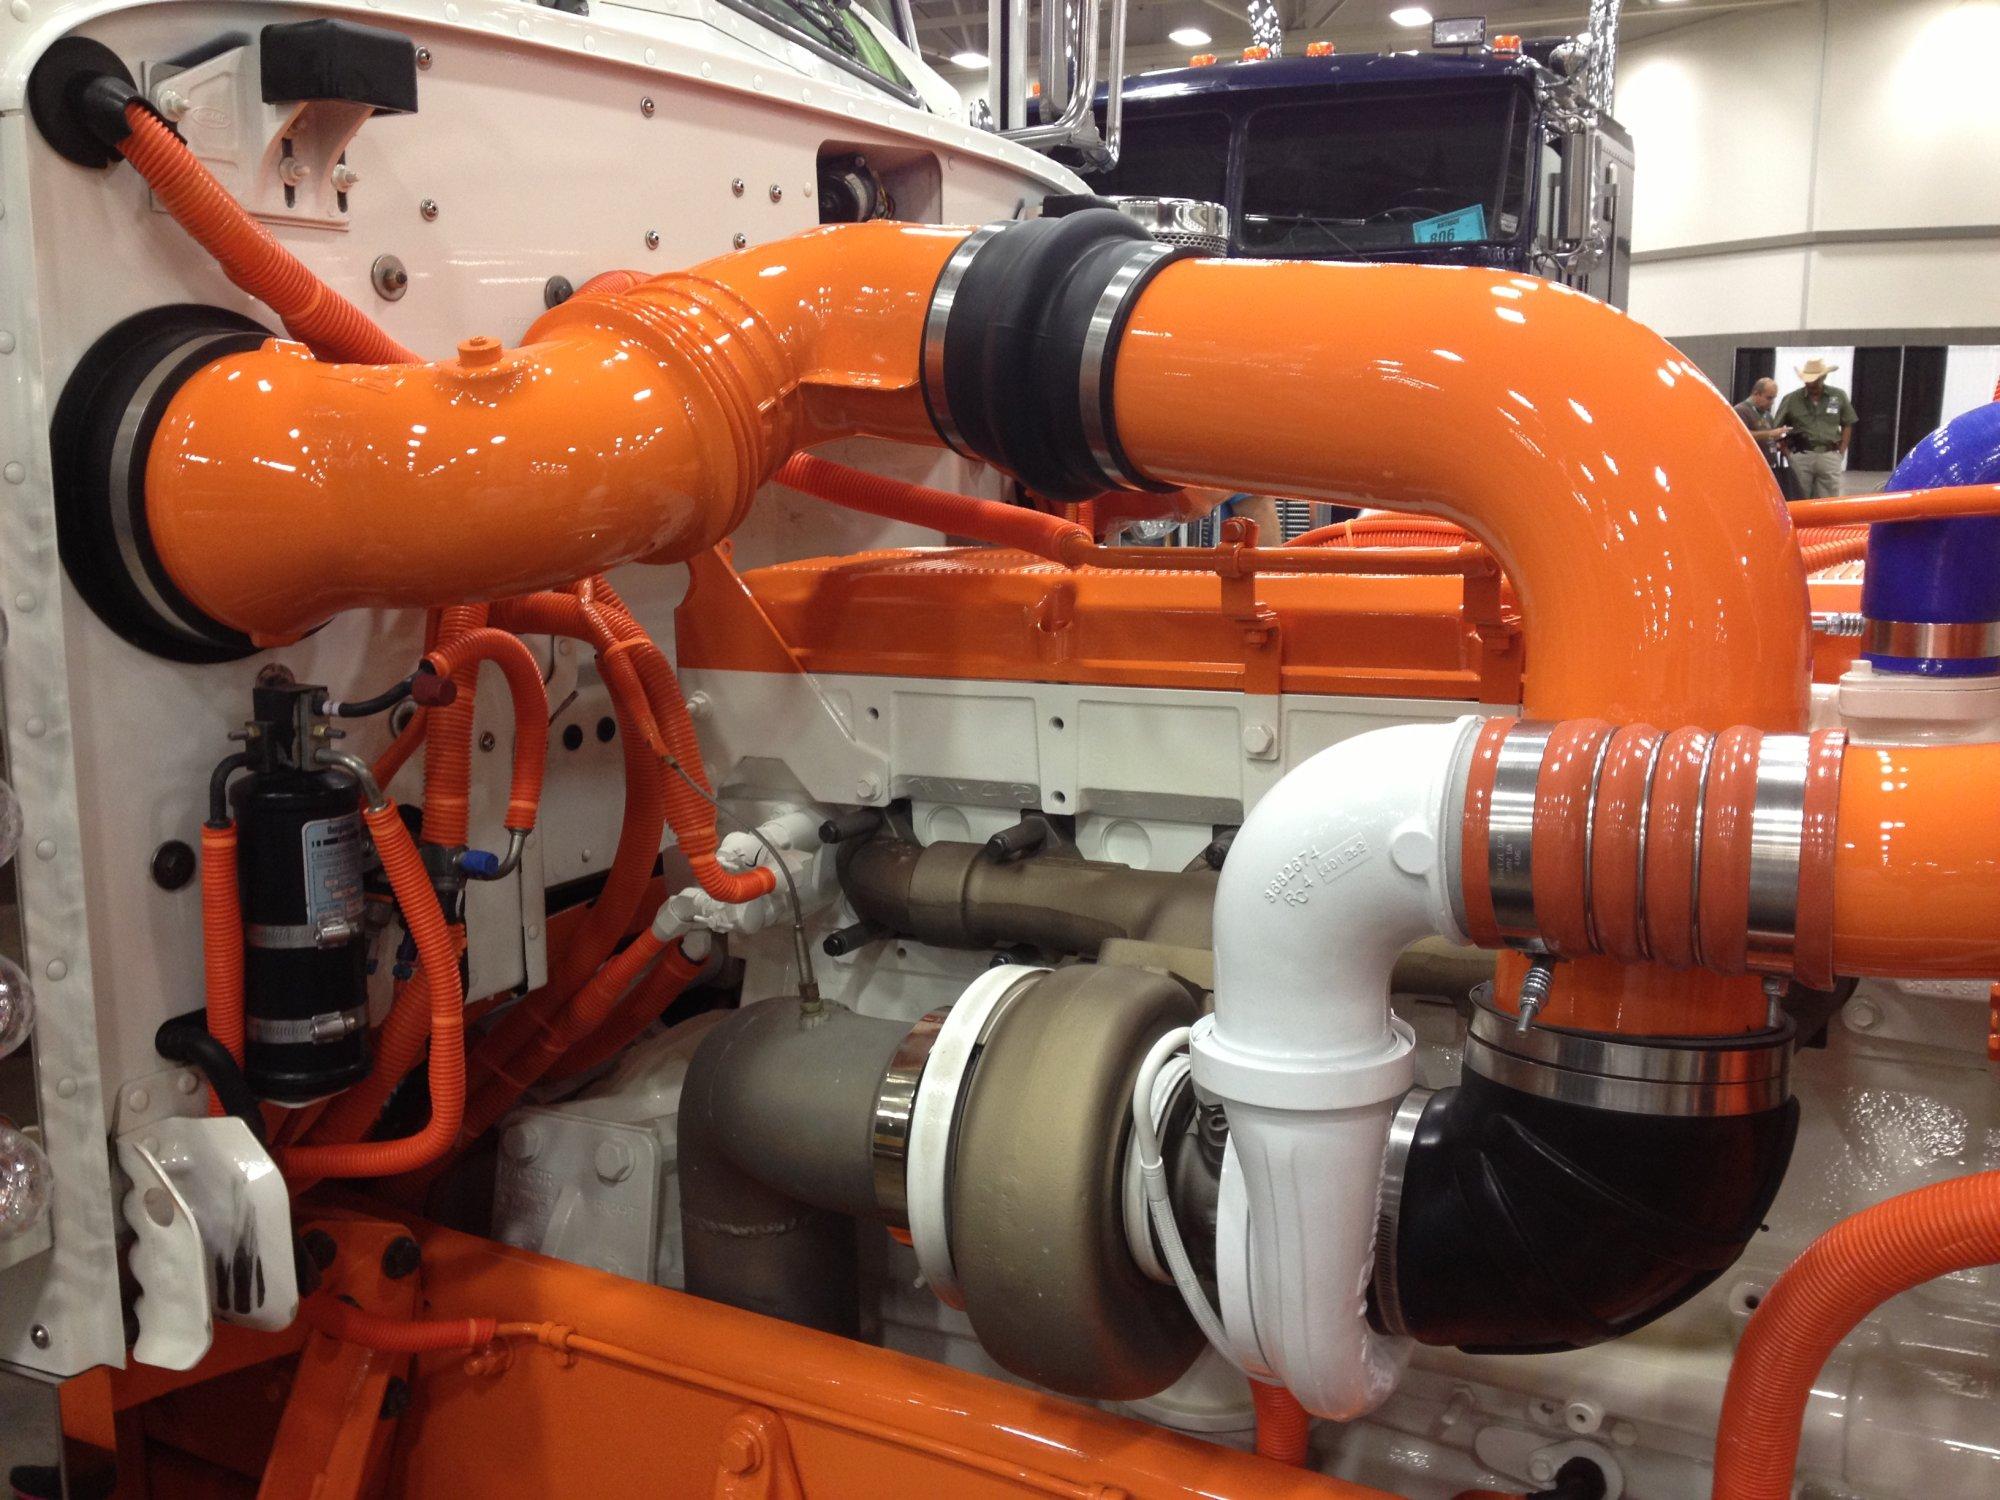 Orange pipes in a diesel engine